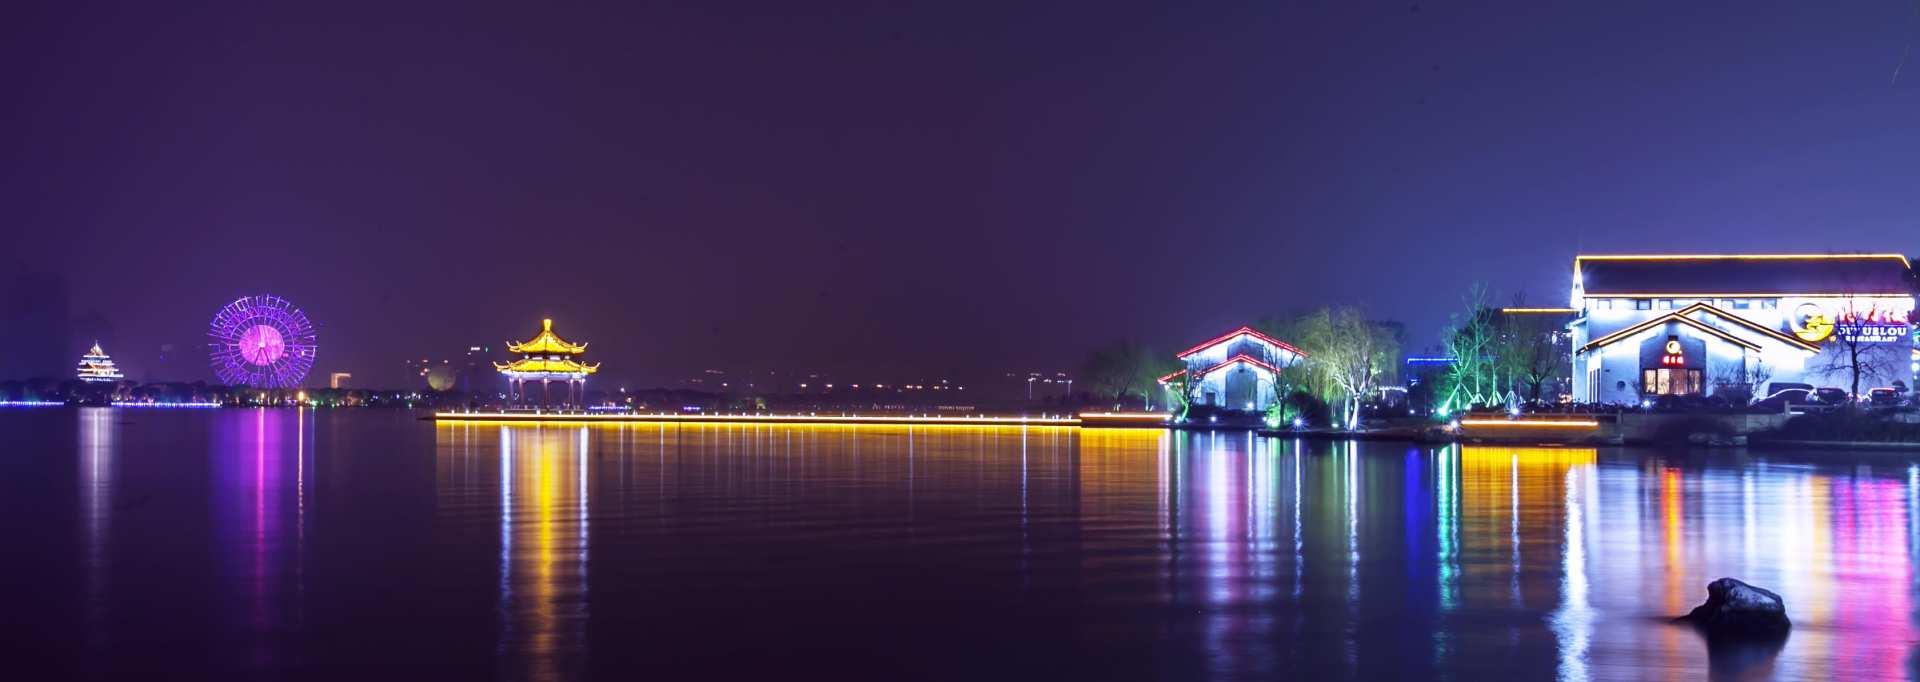 【蘇州包車一日遊】平江街、金雞湖、蘇州博物館(上海出發)